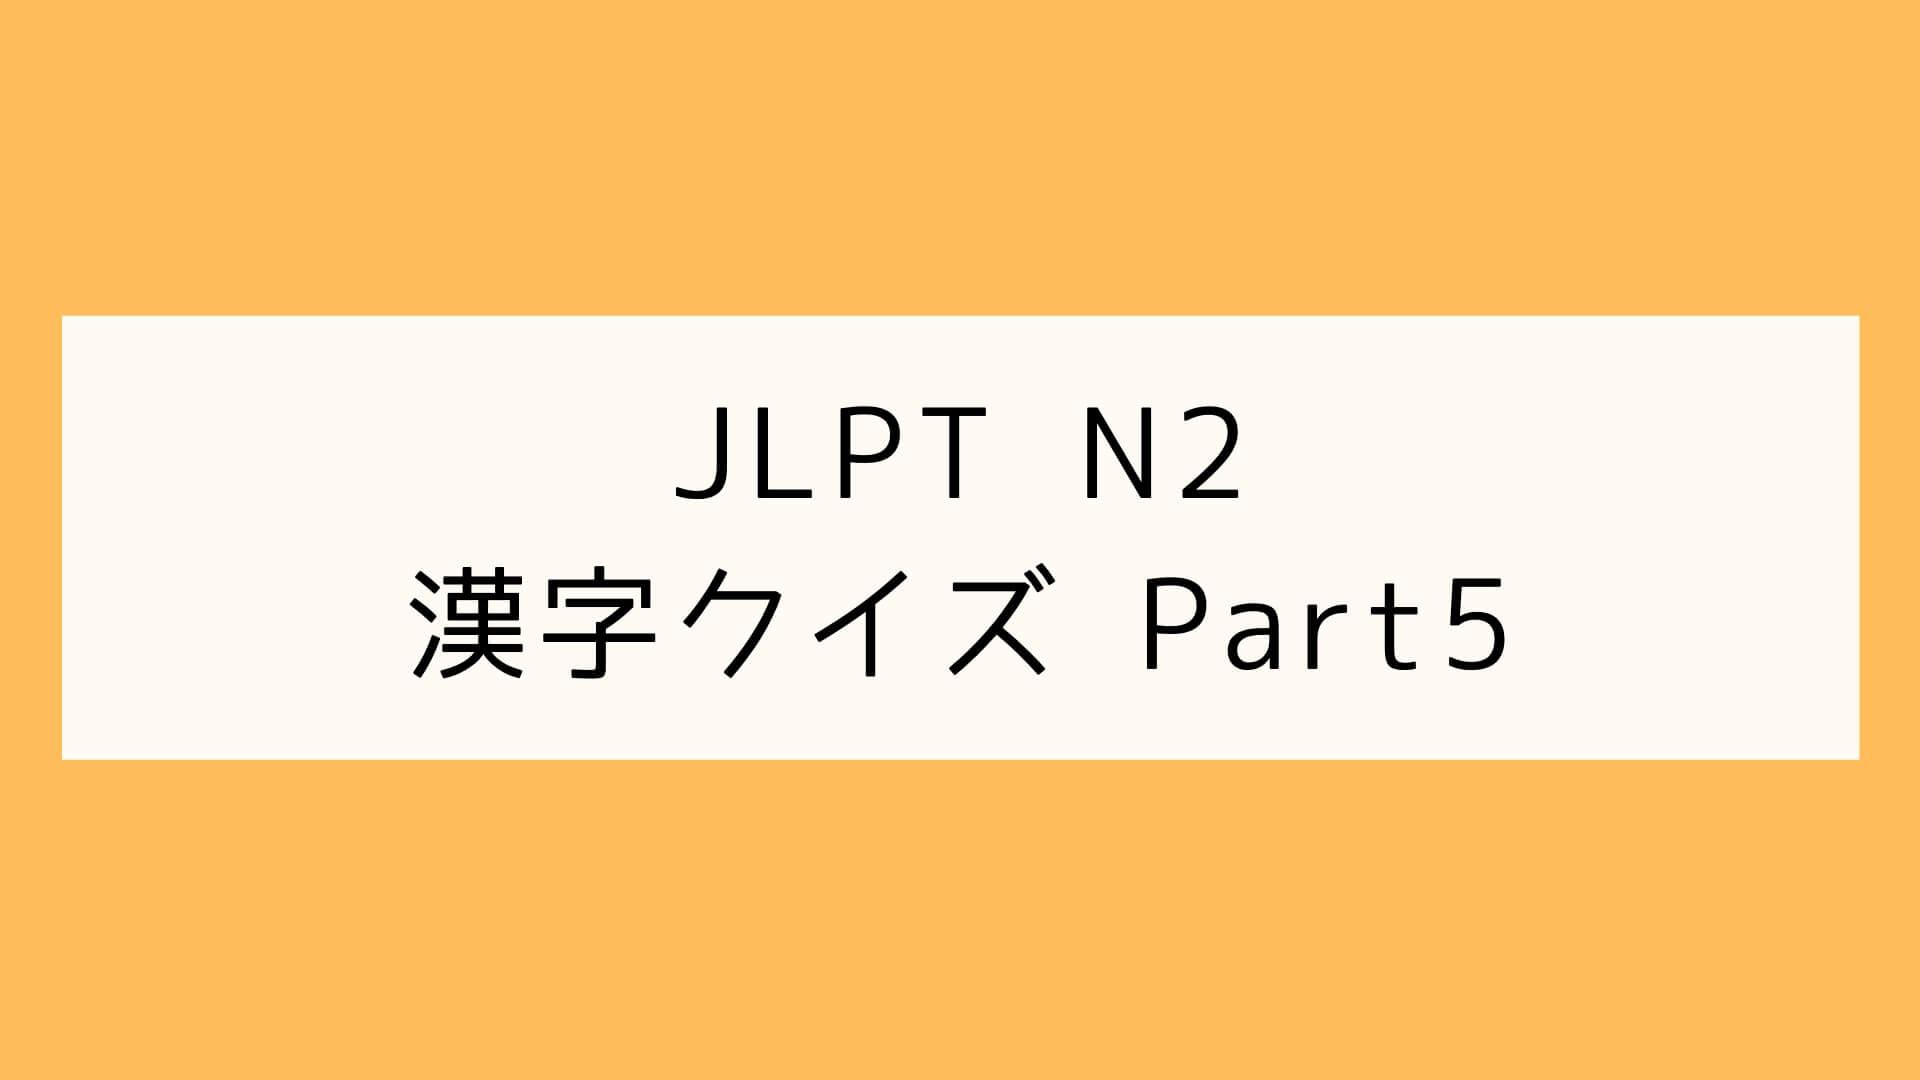 Jlpt N4 Kanji List 2018